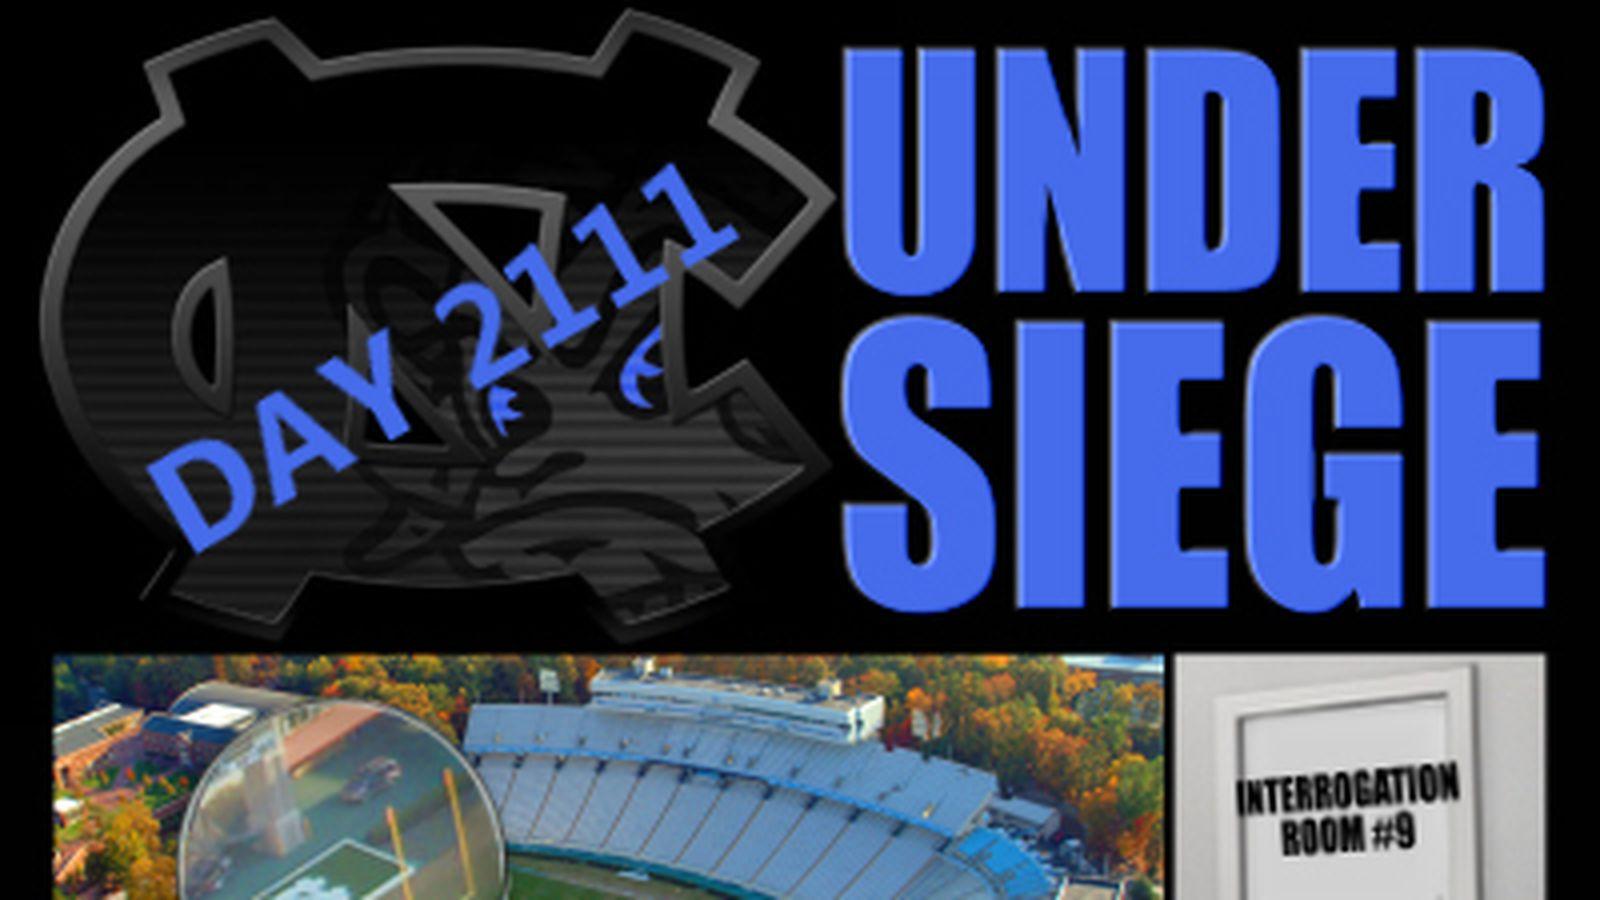 Unc-under-siege-2111.0.0